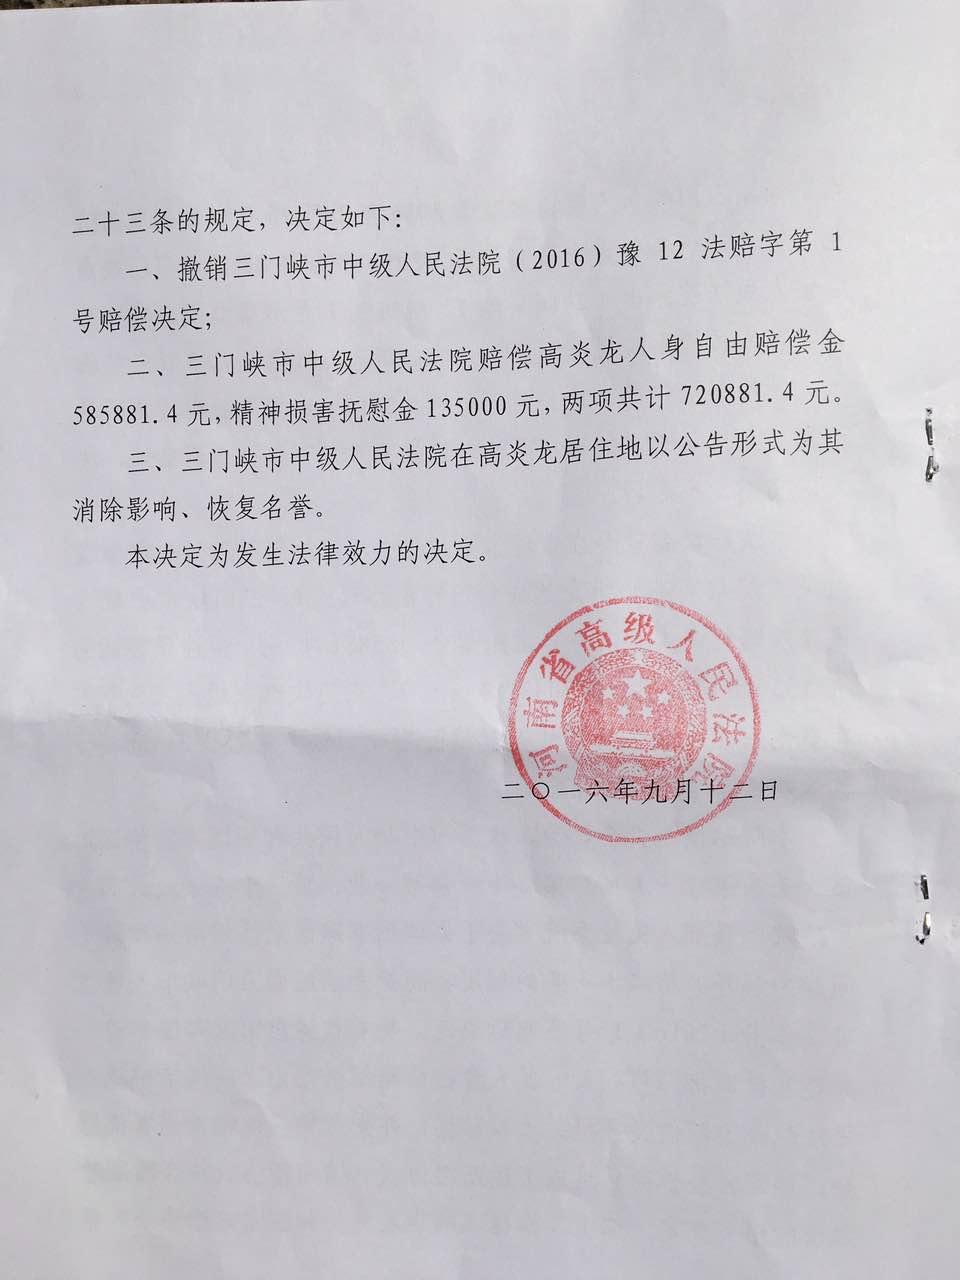 河南高炎龙案国家赔偿七十二万